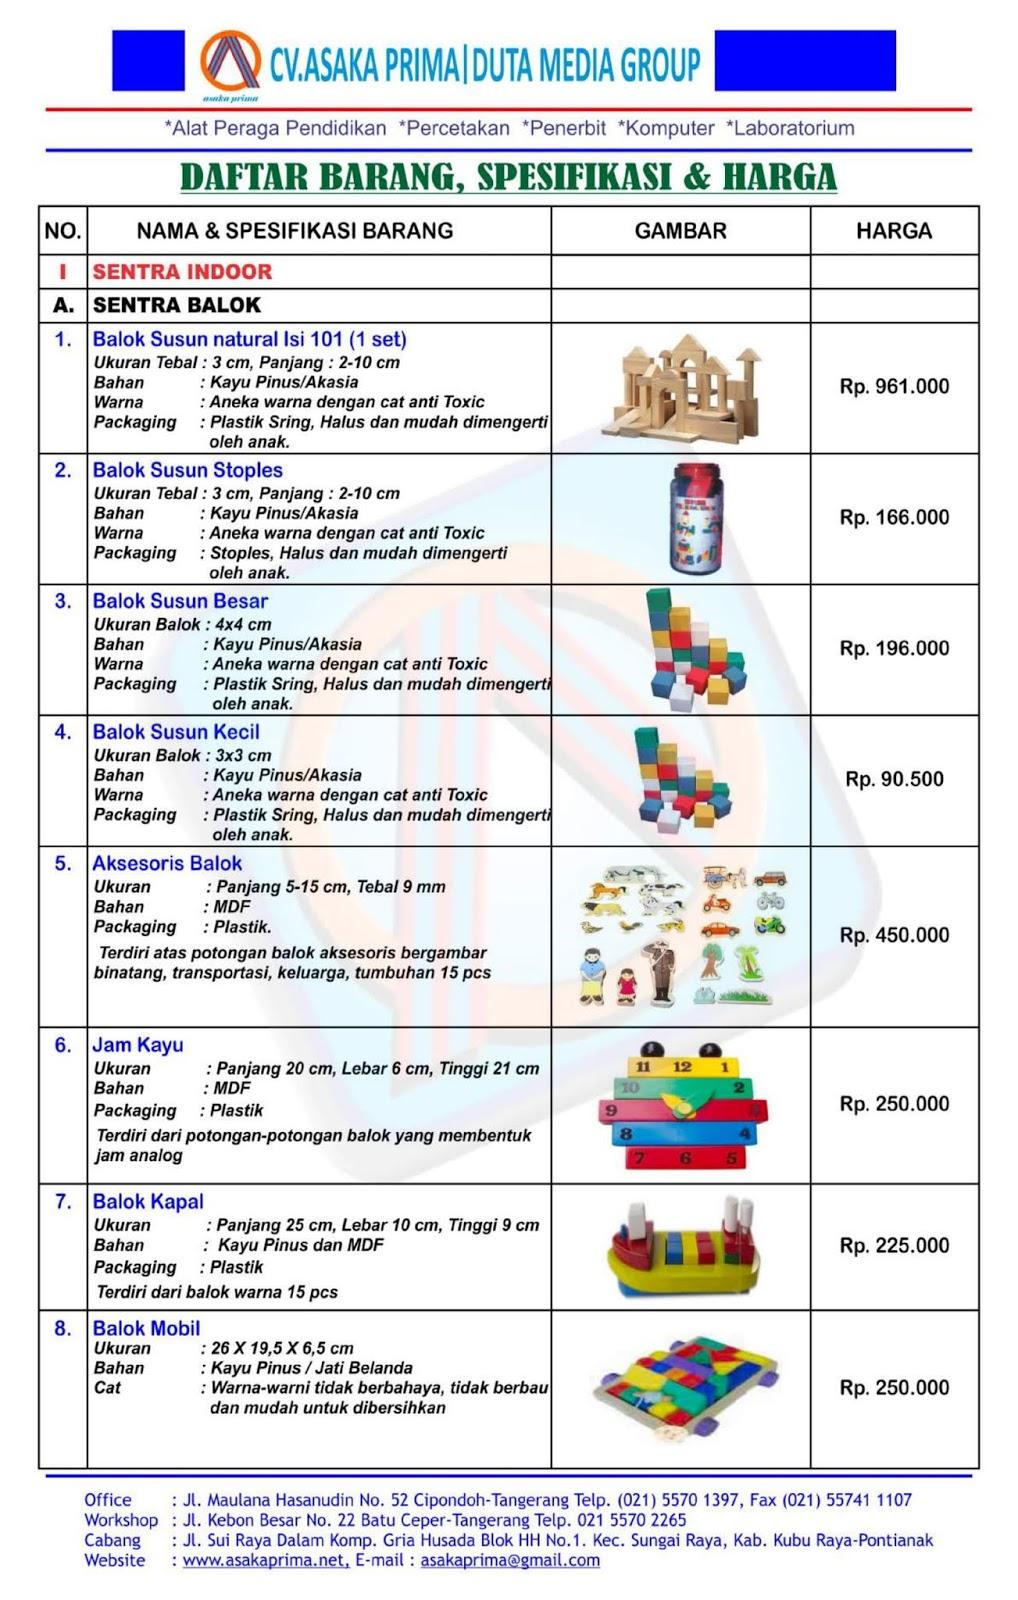 Ape Paud Mainan Edukatif Buku Induk Siswa Bkb Kit Produksi Ape Buku Paud Buku Tk Katalog Ape Paud 2019 Brosur Mainan Edukasi Ape Bop Paud 2019